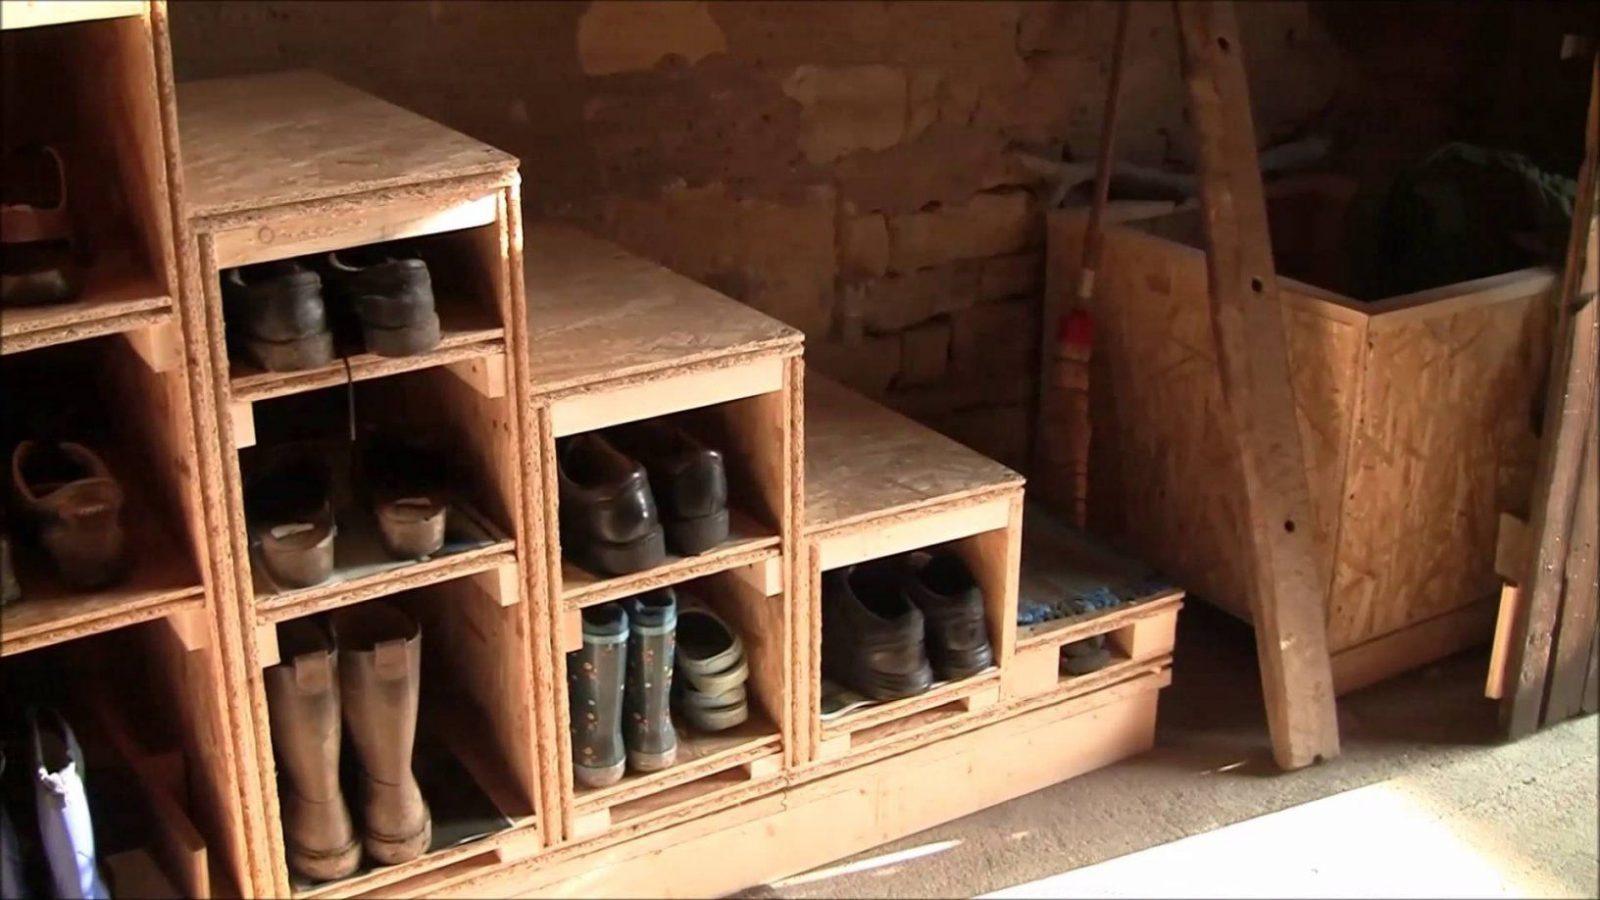 Treppe Selber Bauen Aus Osbverlegeplatten  Youtube von Treppen Selber Bauen Holz Bild